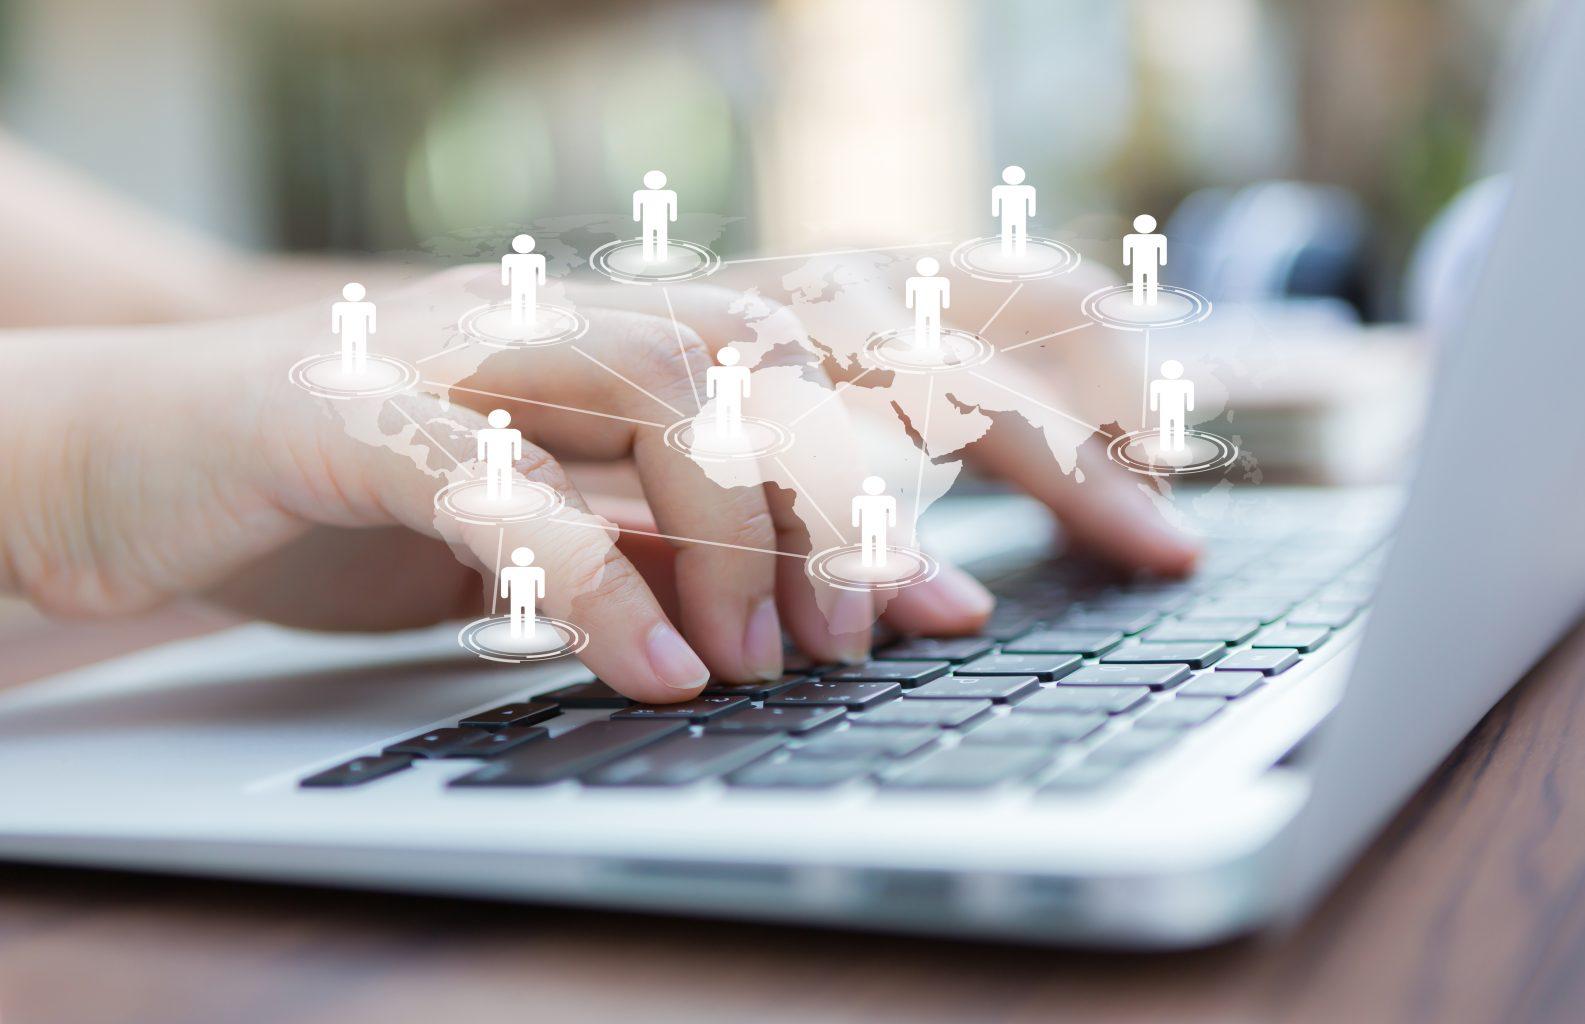 Weltkarte mit Personen Hände an Tastatur